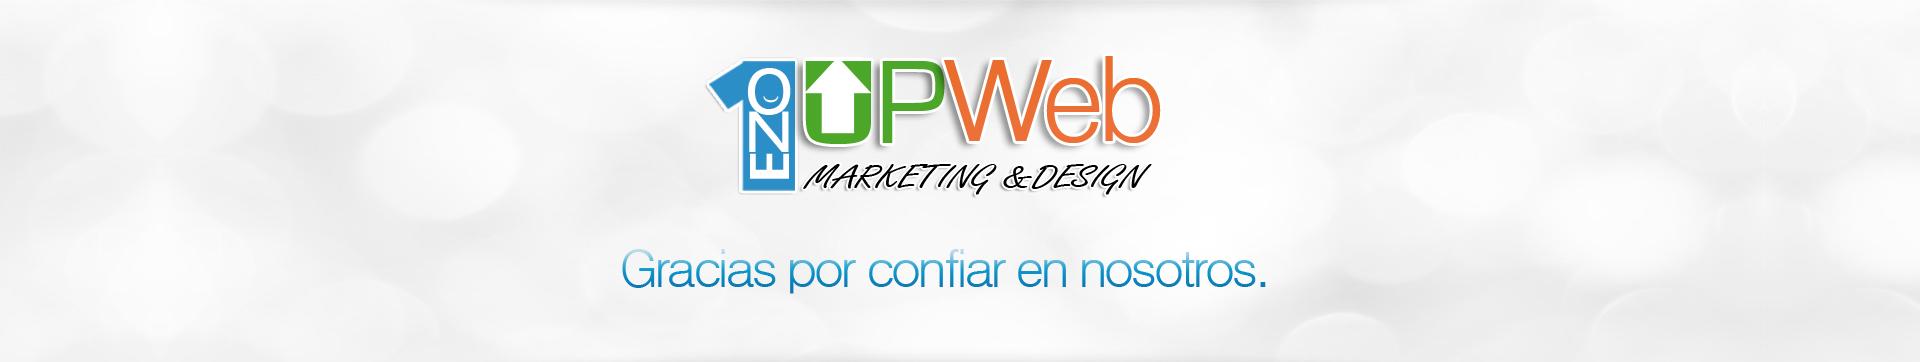 oneupweb-diseño web Nuestros Proyectos